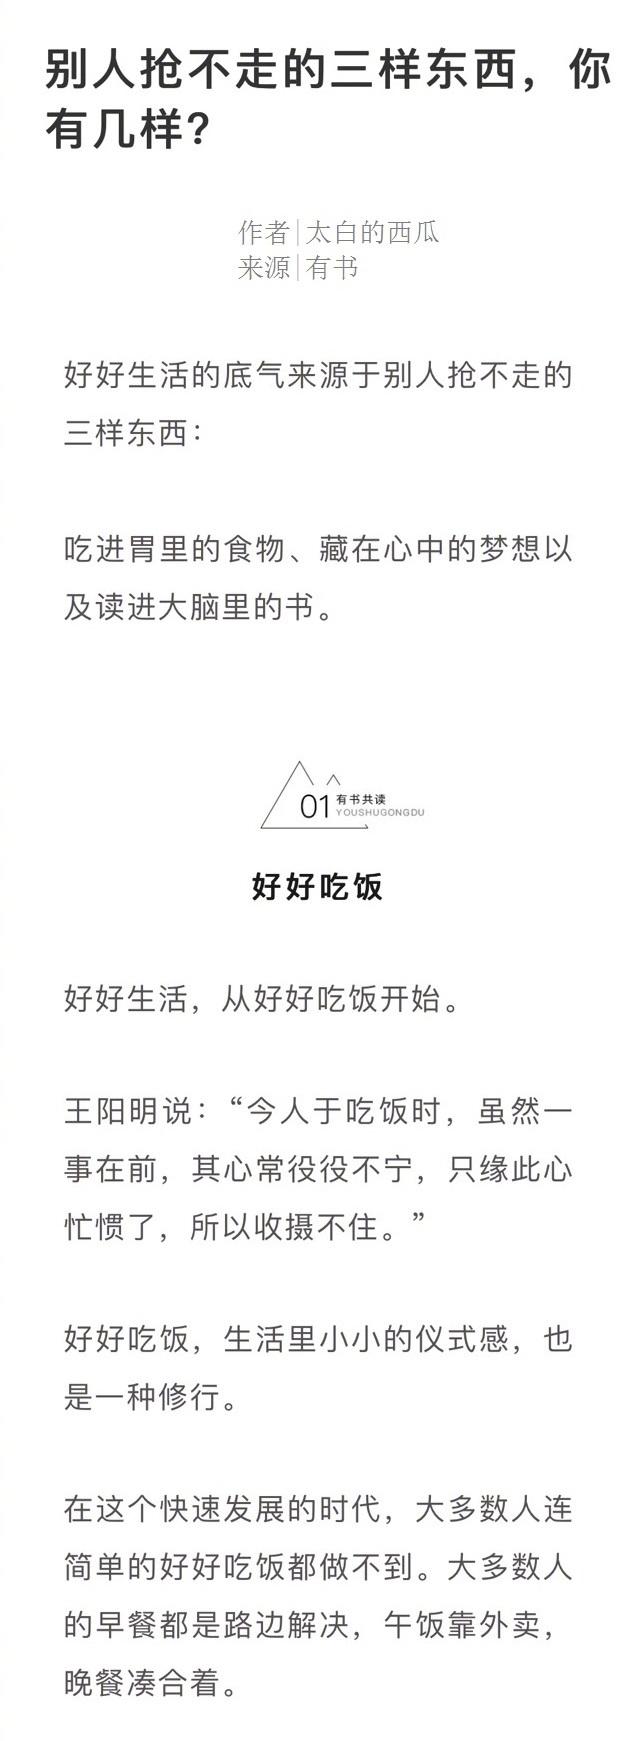 2018 青年福利微刊第 254 期:油腻少年